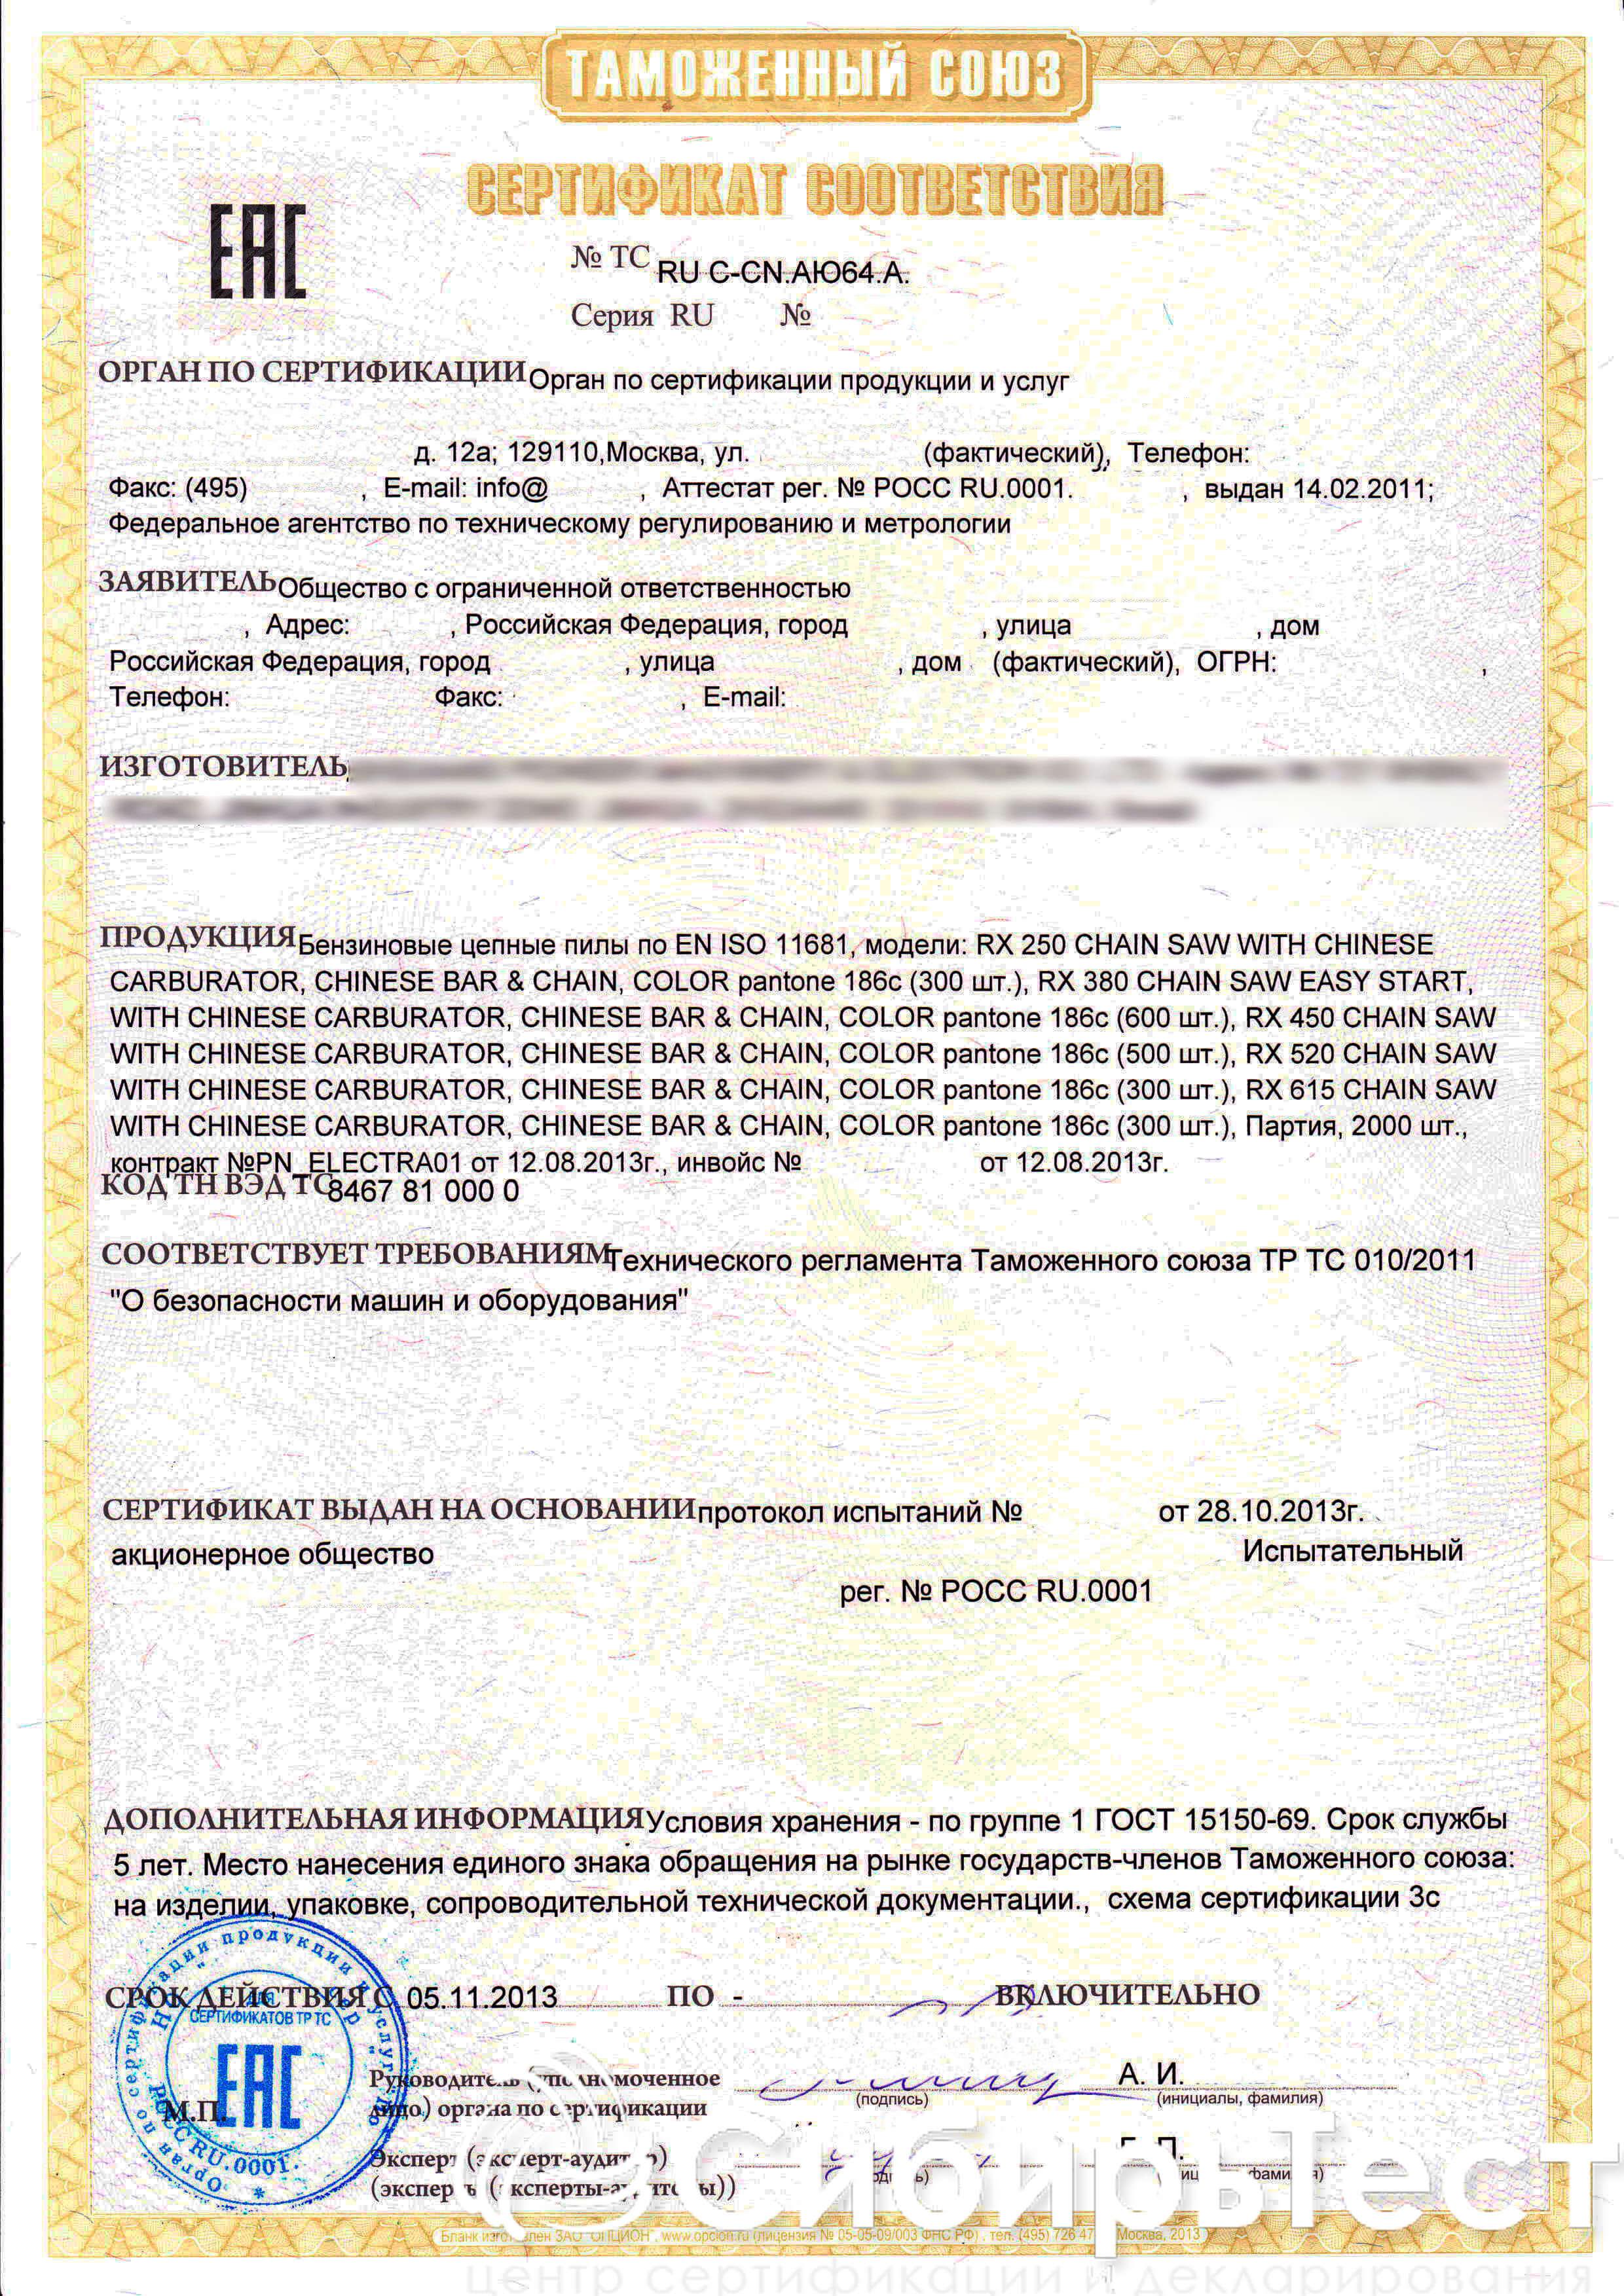 Сертификация спецодежды таможенный союз стандартизация сертификация метрология г д крылова